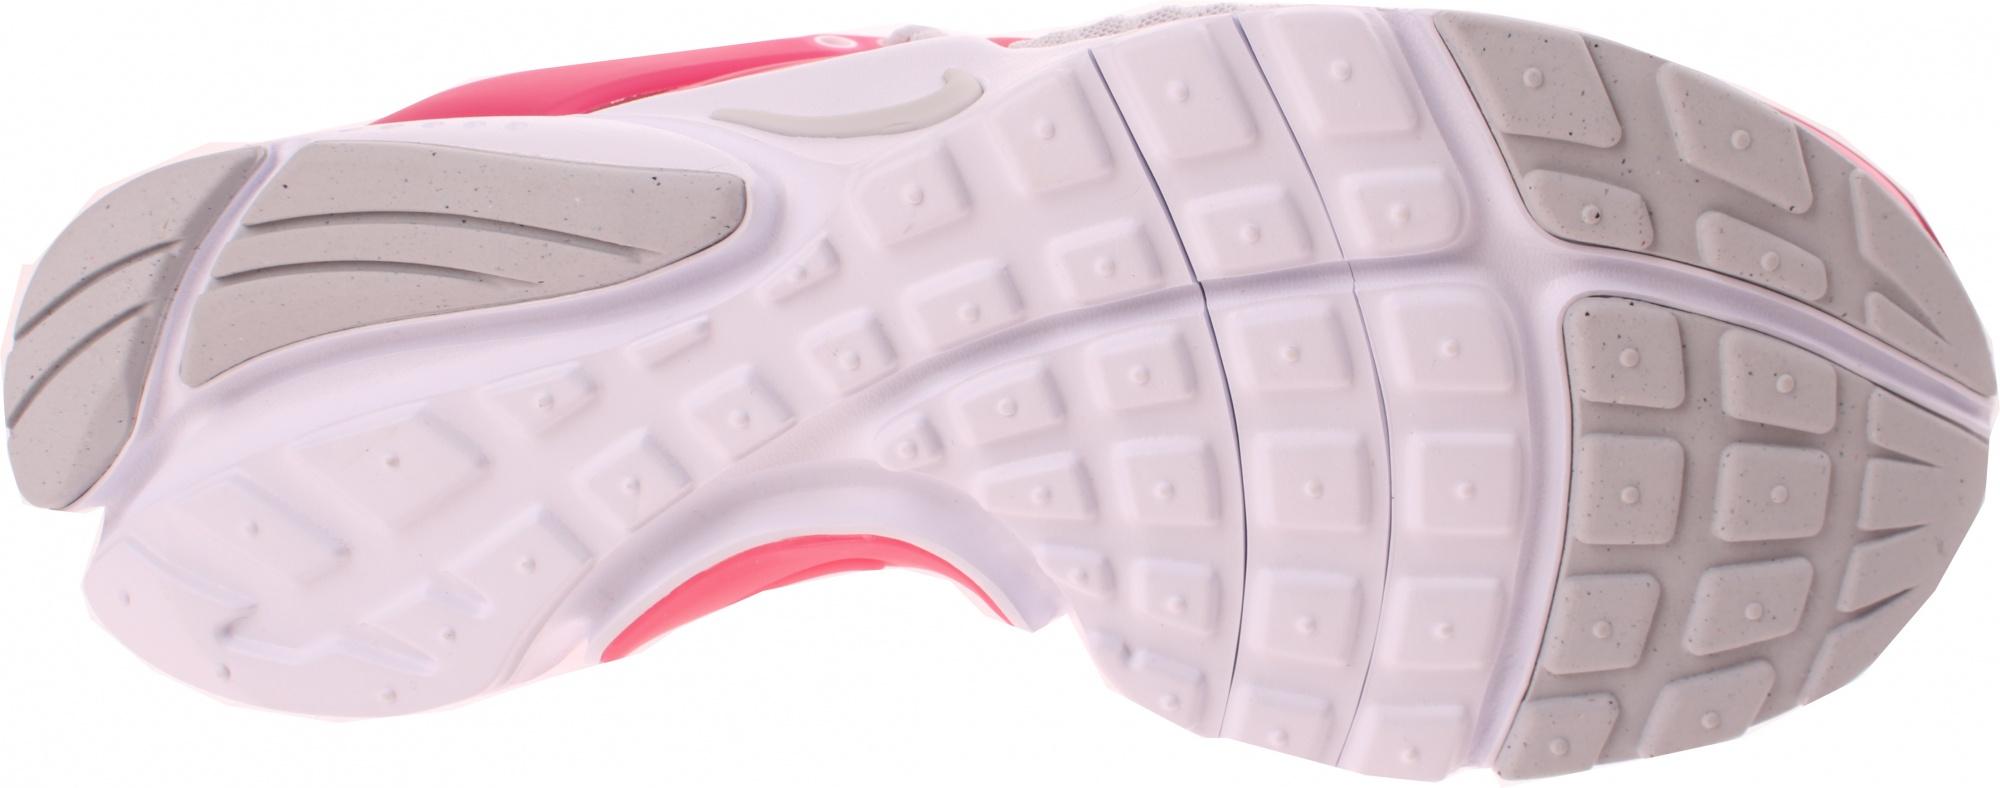 on sale 1b435 ac73b ... Nike sneakers Presto Breathe GS dames grijsroze